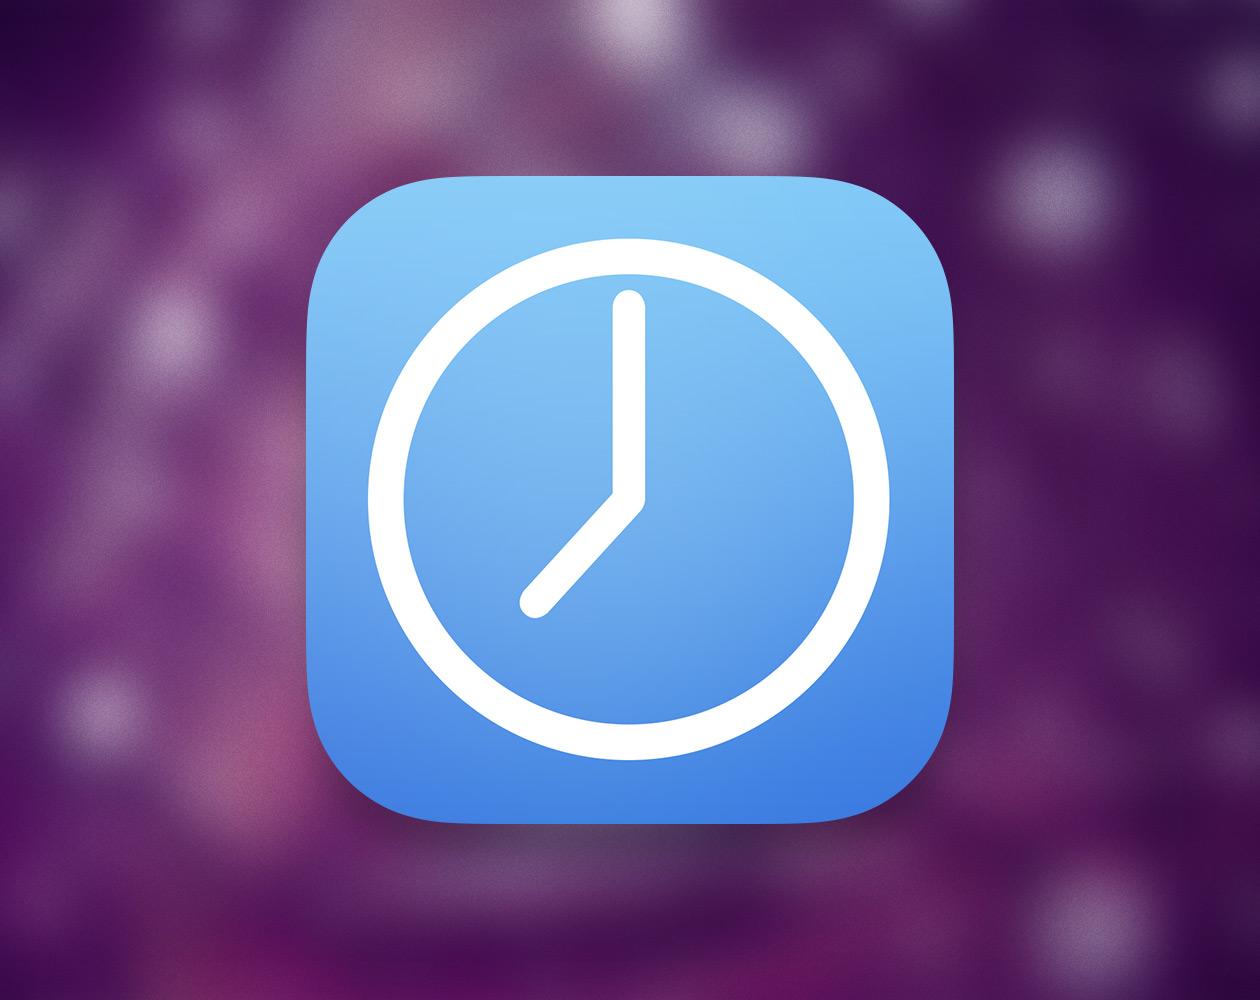 Hours для iPhone: удобный менеджер затрат рабочего времени